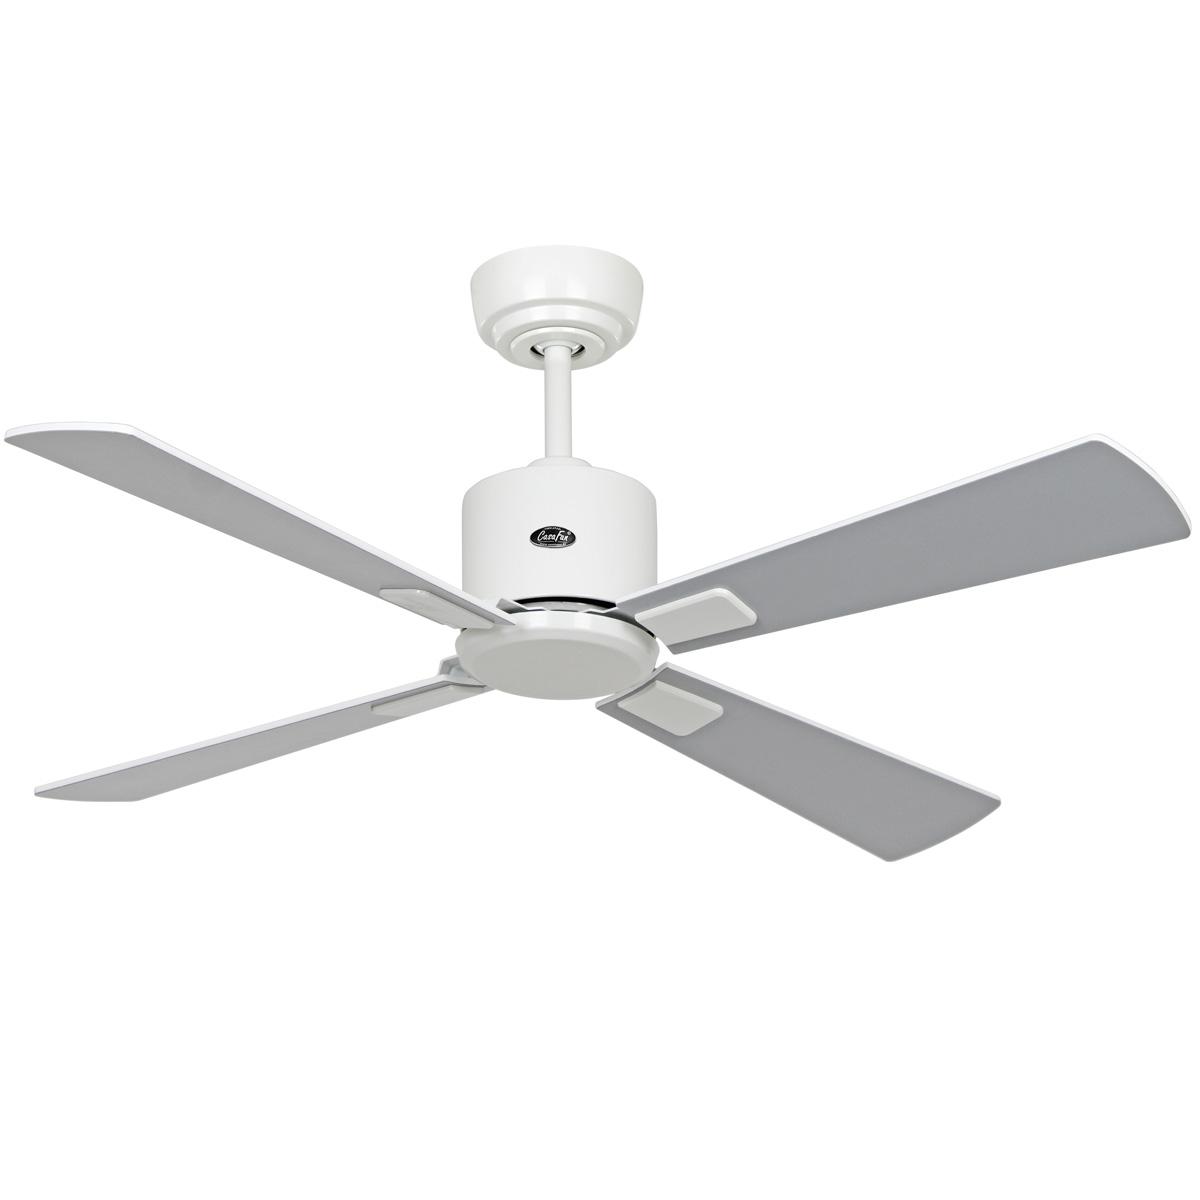 Ventilador de techo Casafan 943232 Eco Neo II 132